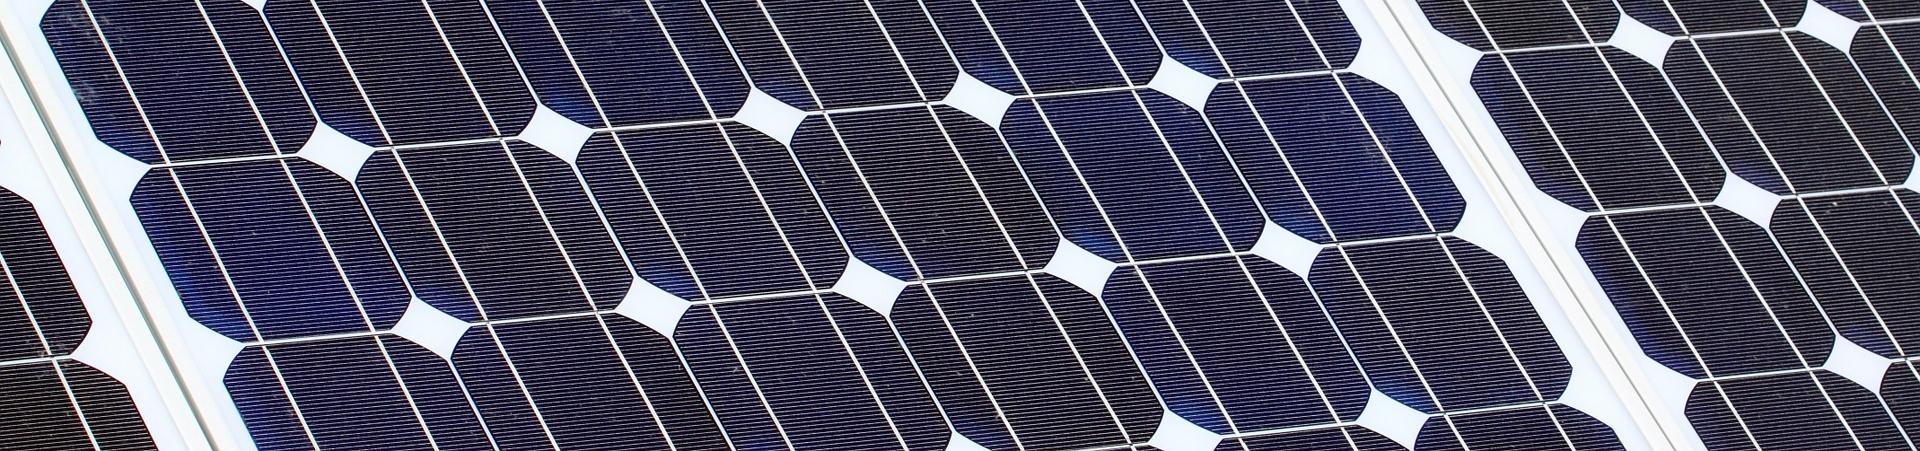 solar an Bord